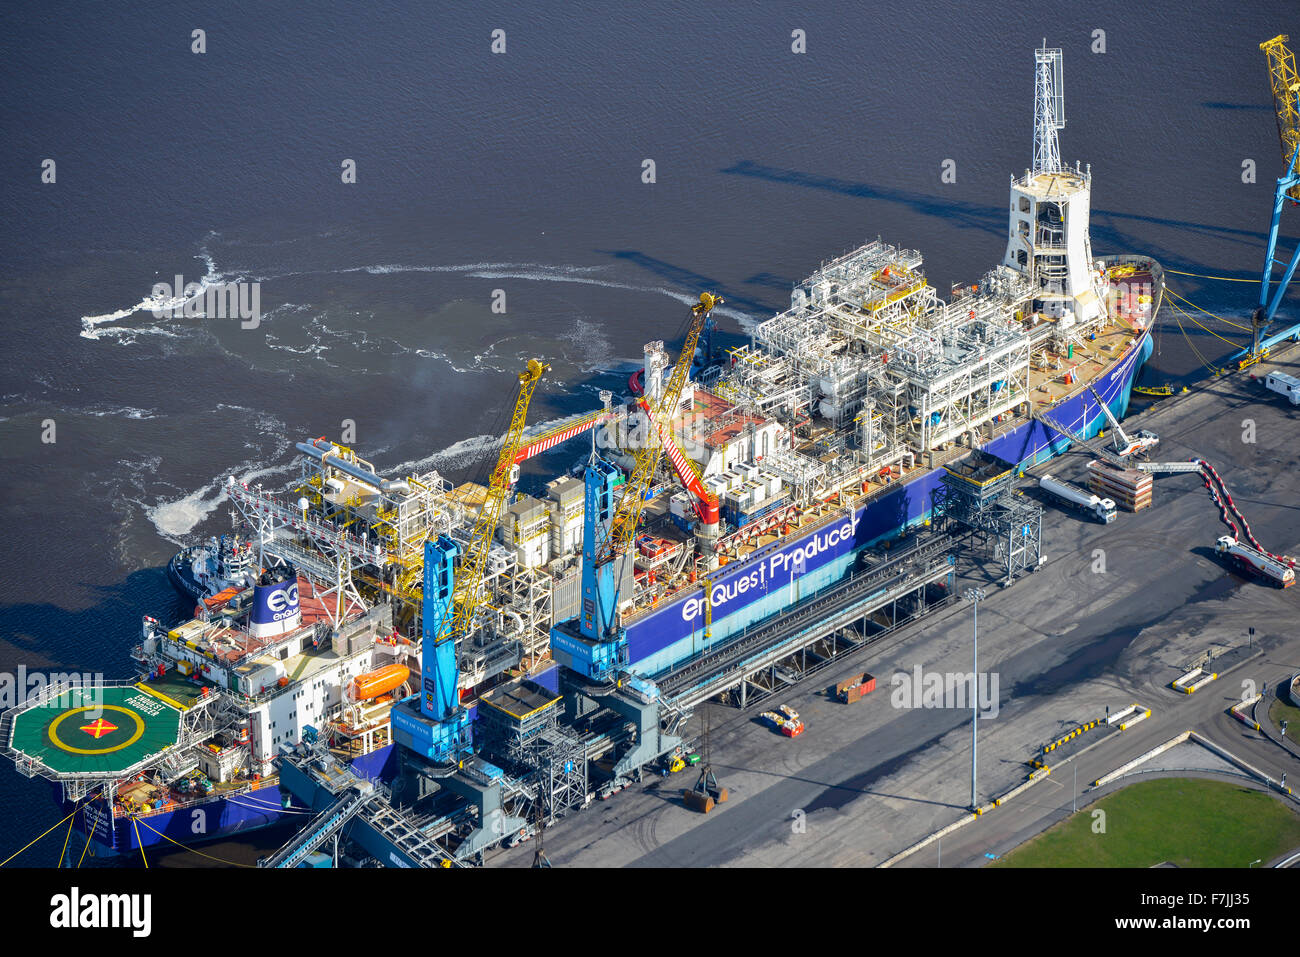 Eine Luftaufnahme des Schiffes Enquest Produzent, Öl und Gas Stockbild